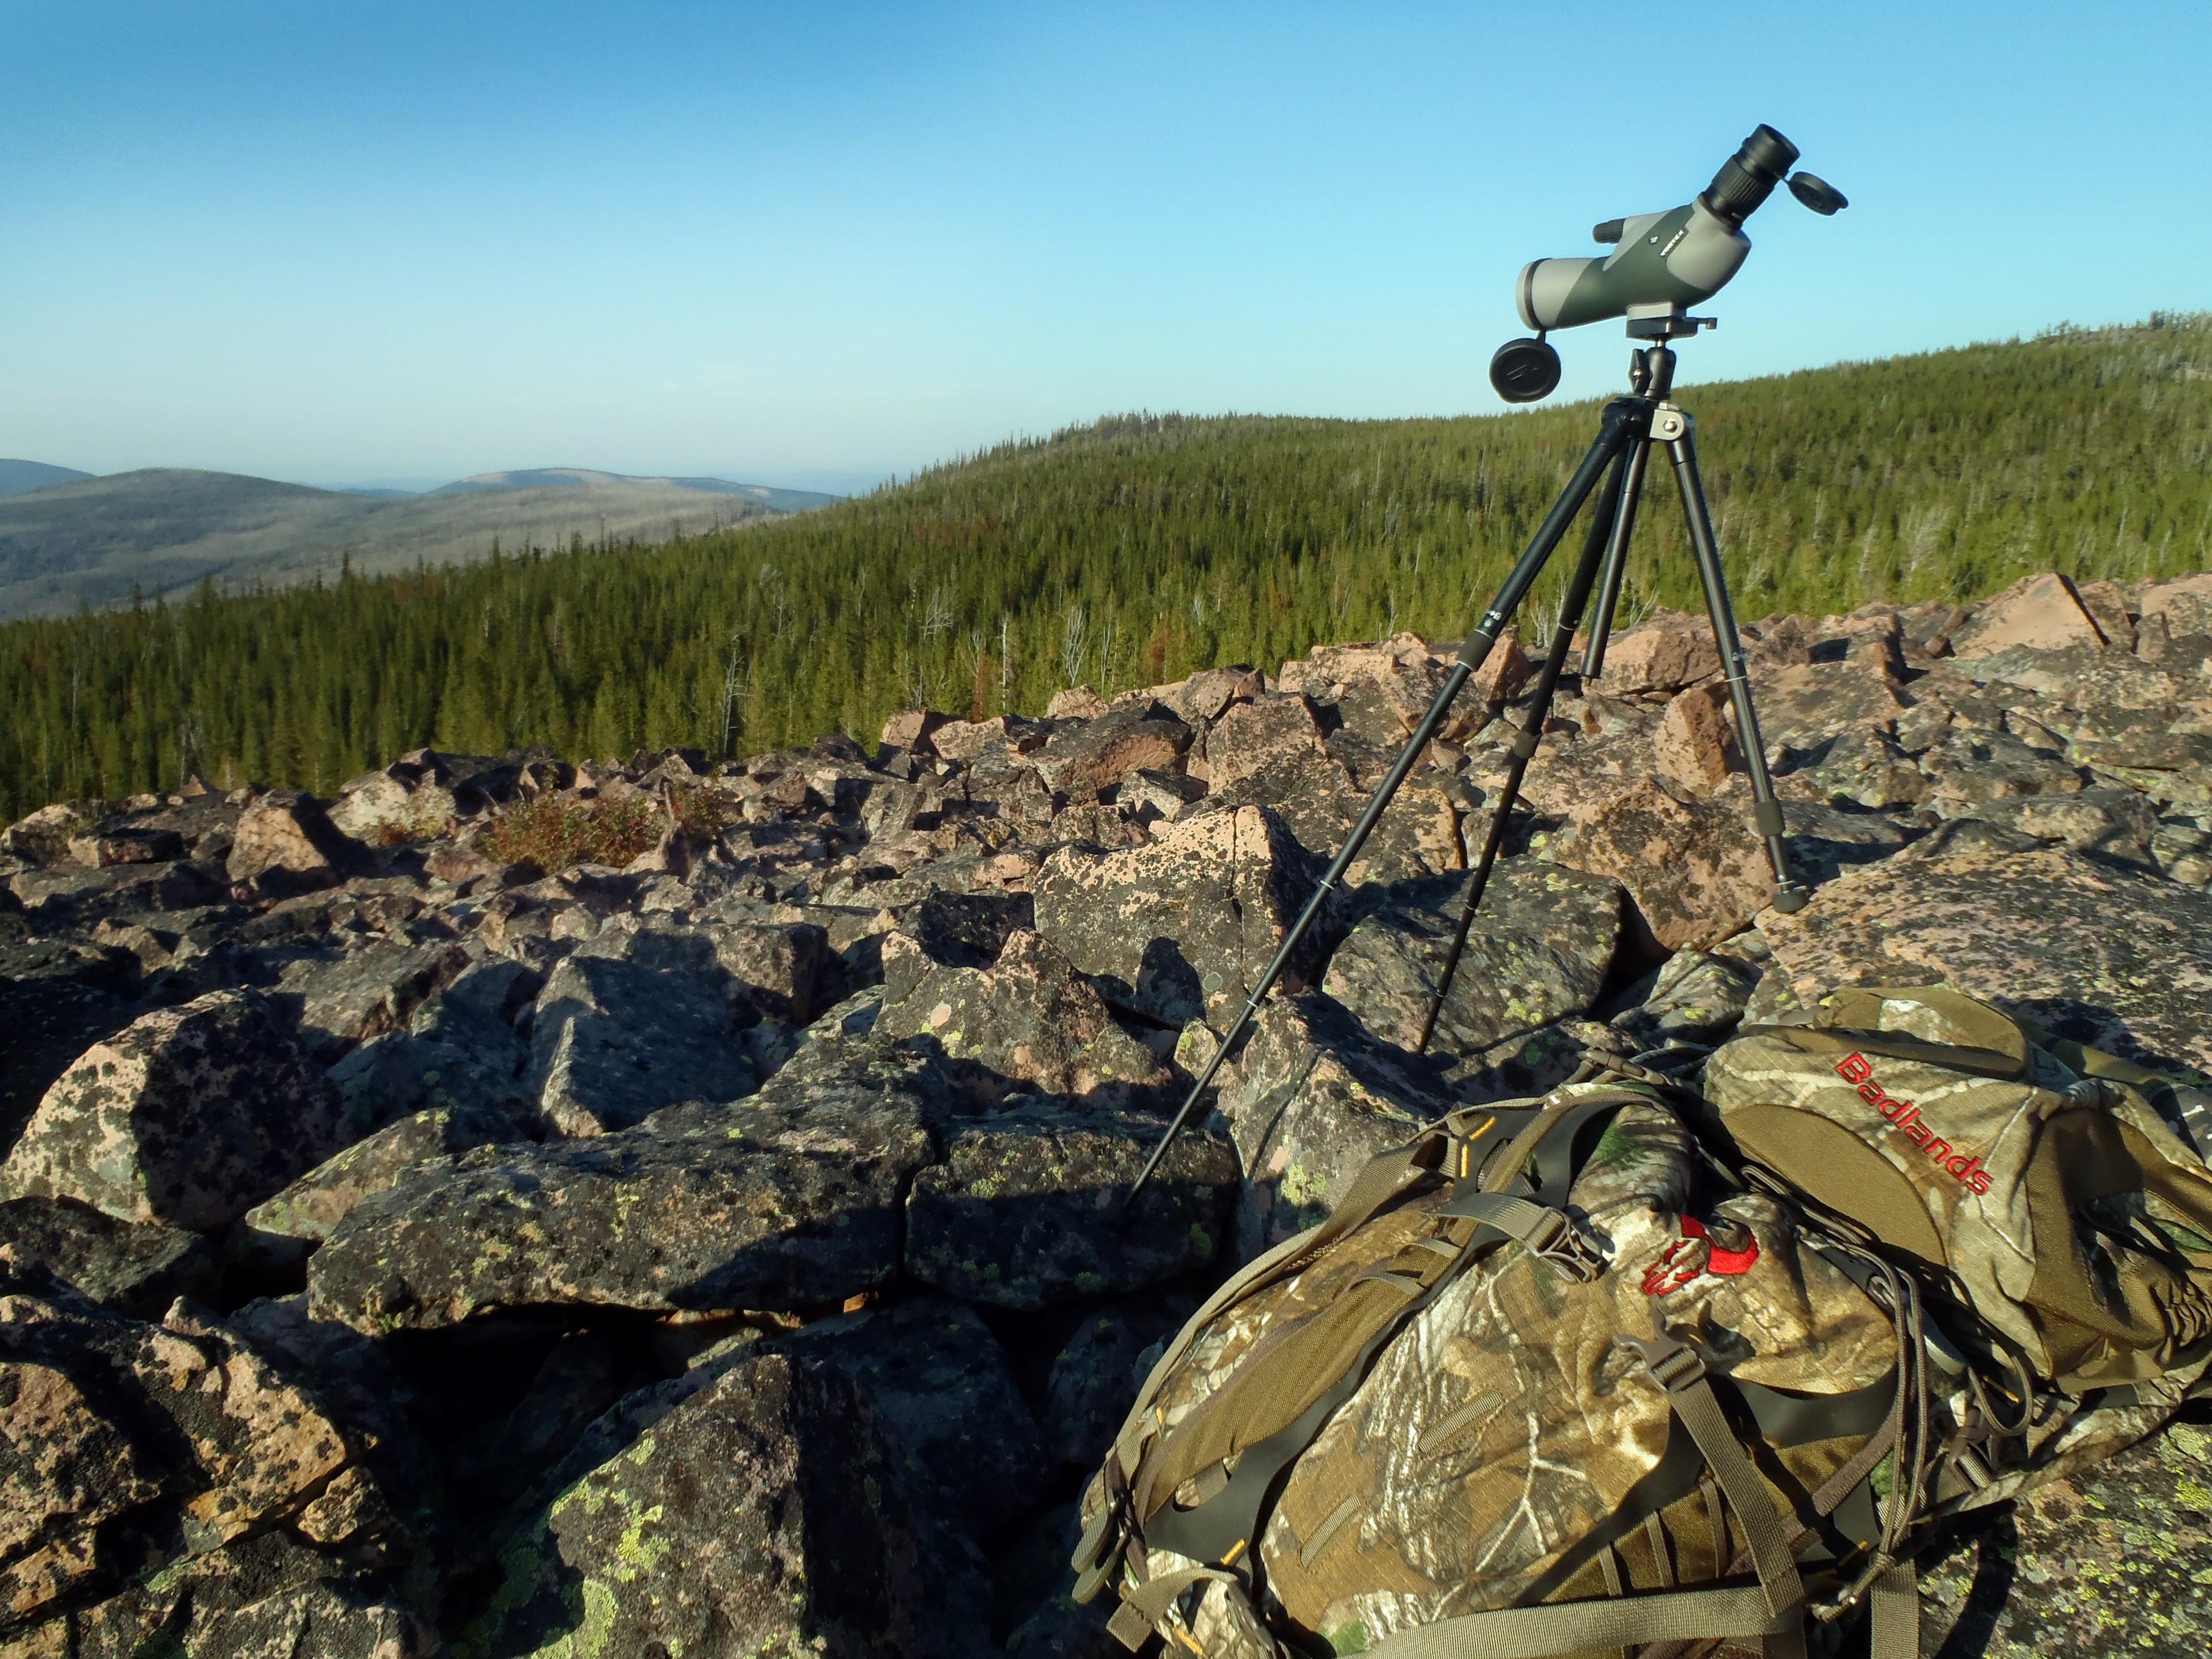 Spotting elk on an elk hunting trip in Montana